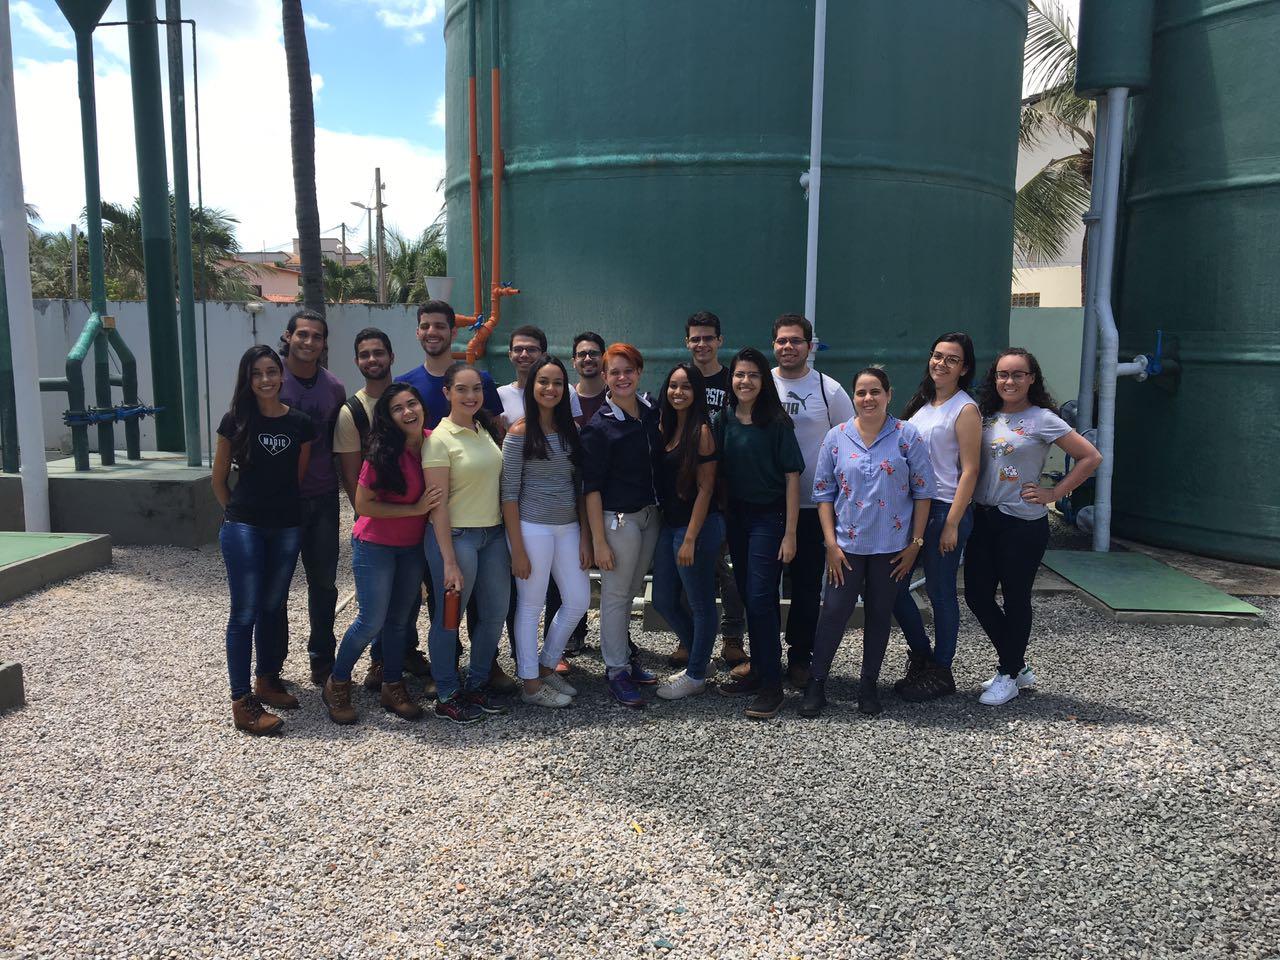 Alunos dos Cursos de Engenharia Civil e Engenharia de Produção da Unichristus visitaram a Estação de Tratamento de Esgoto do Beach Park